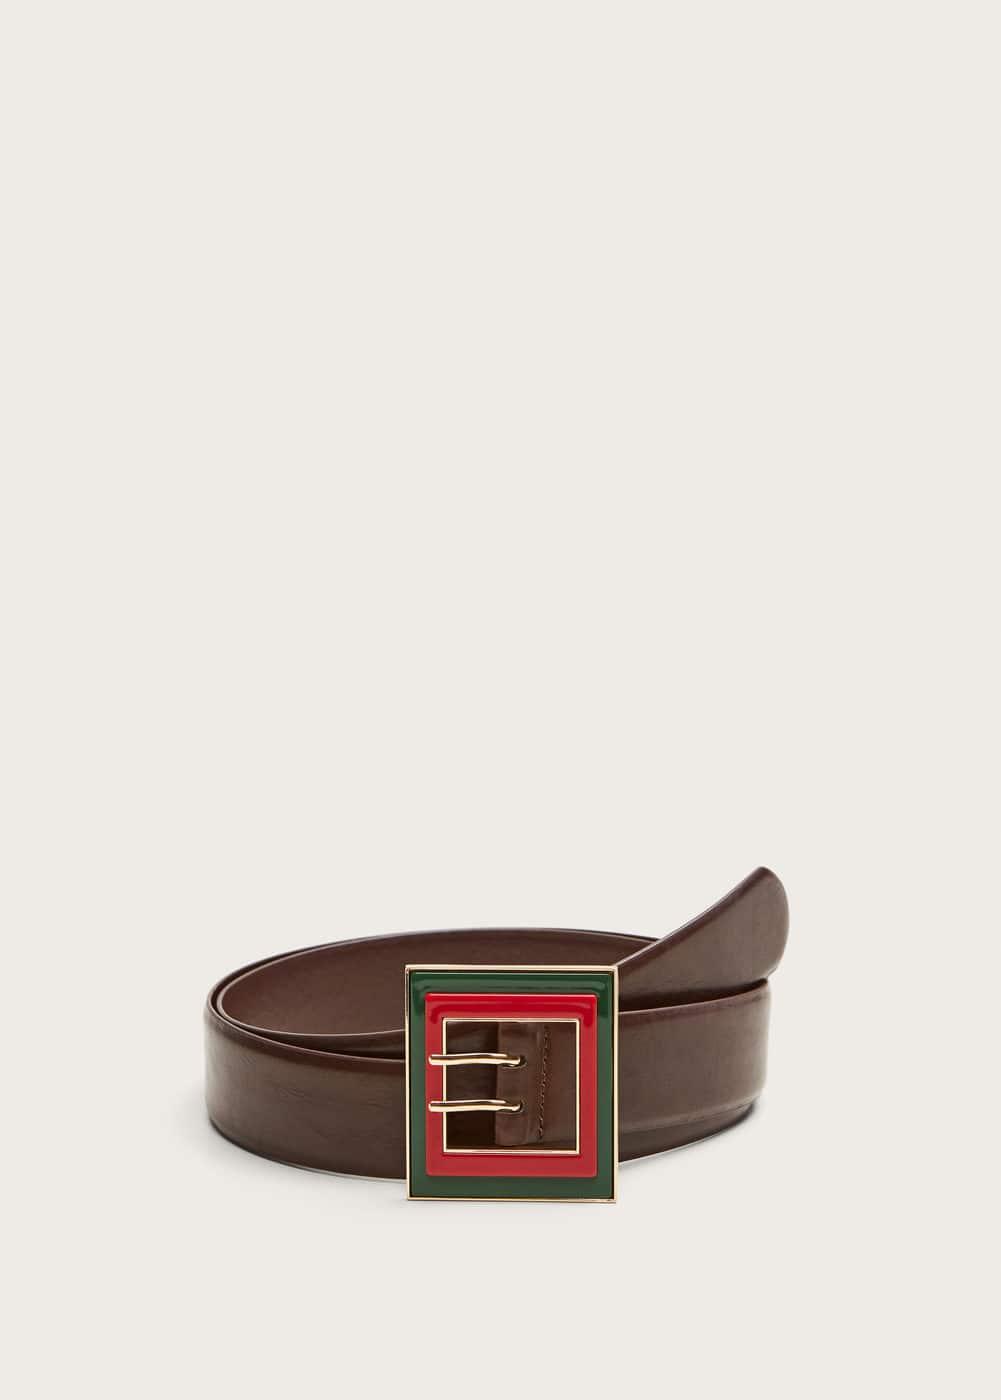 Mango - Cinturón hebilla contraste - 1